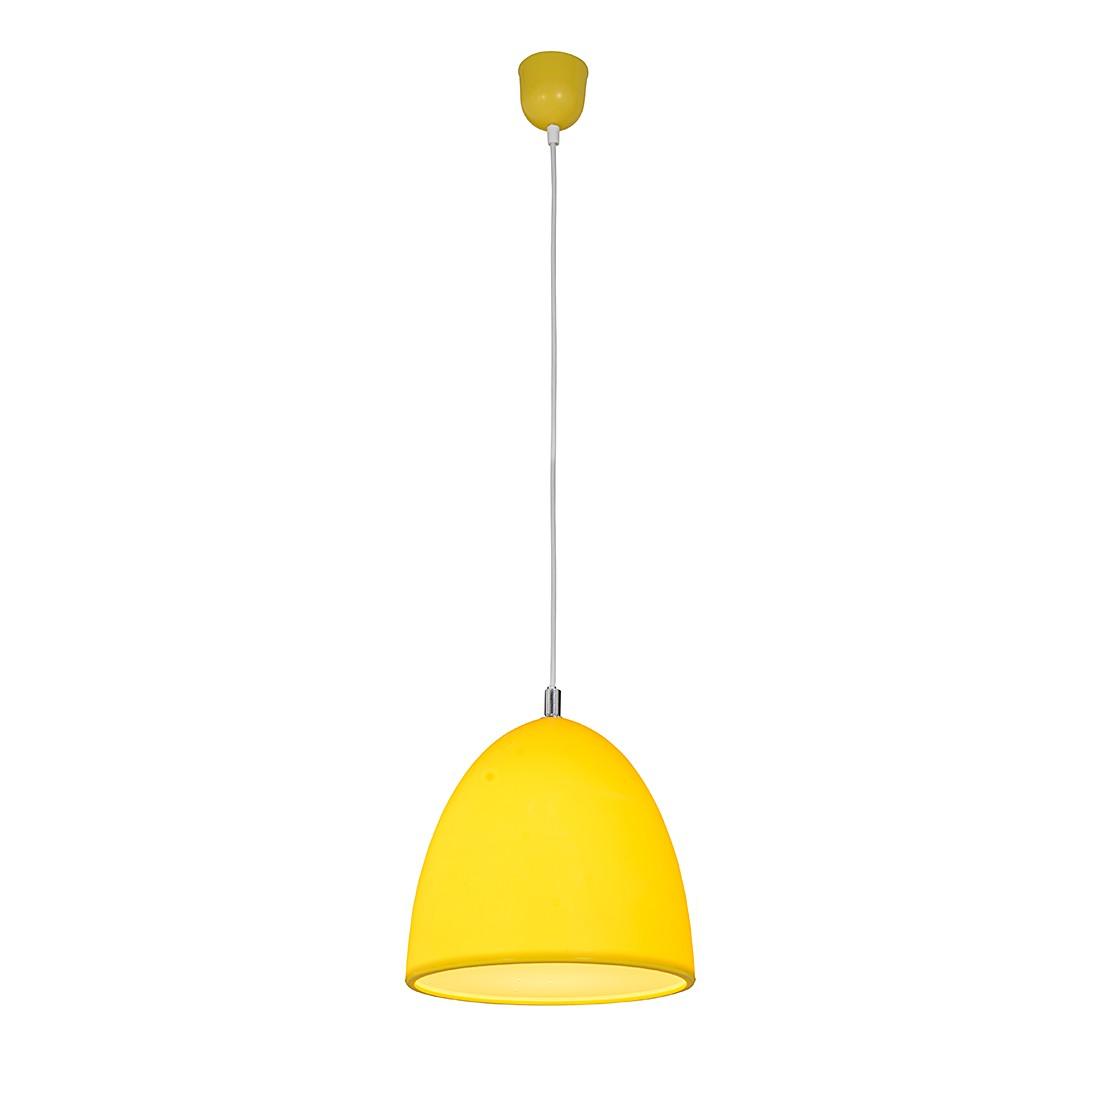 EEK A++, Pendelleuchte Tepsa - Silikon - 1-flammig - Gelb, Näve